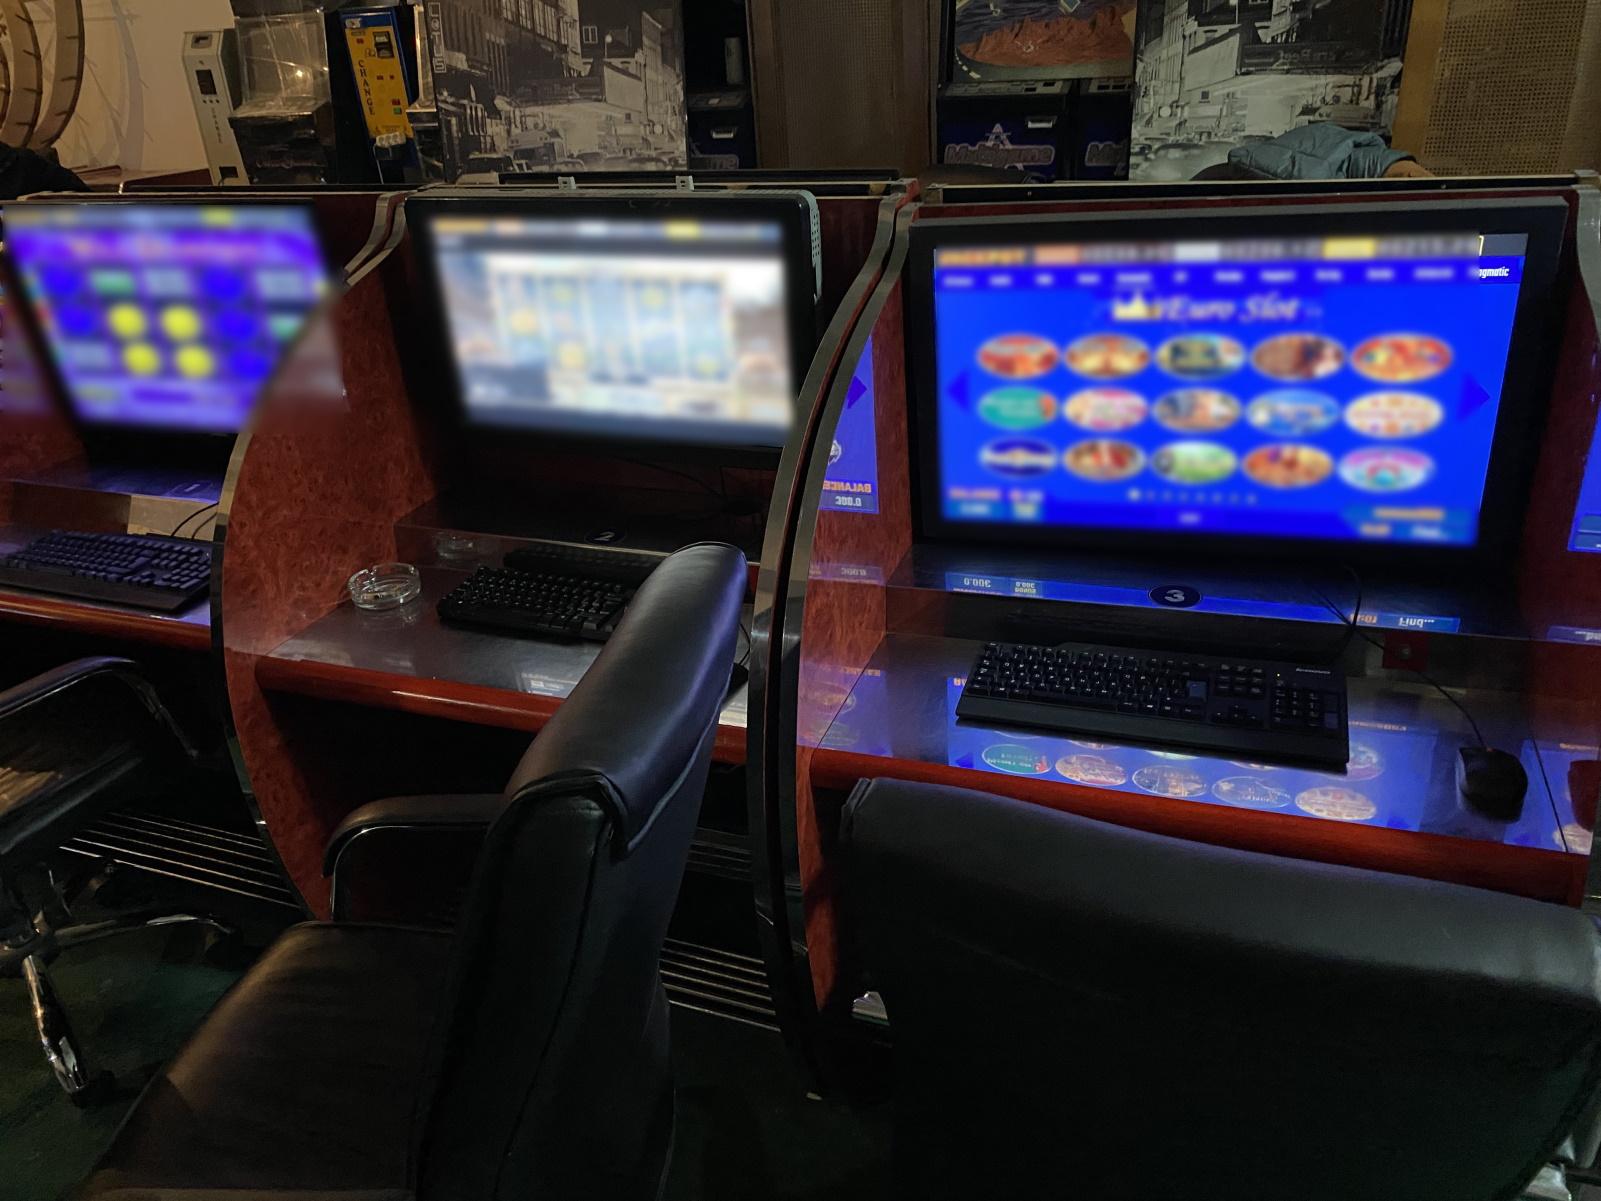 Lockdown: Αυτοσχέδιο καζίνο σε υπόγειο – Πόρτα που άνοιγε με πληκτρολόγιο και κωδικοί ασφαλείας (pics, vid)